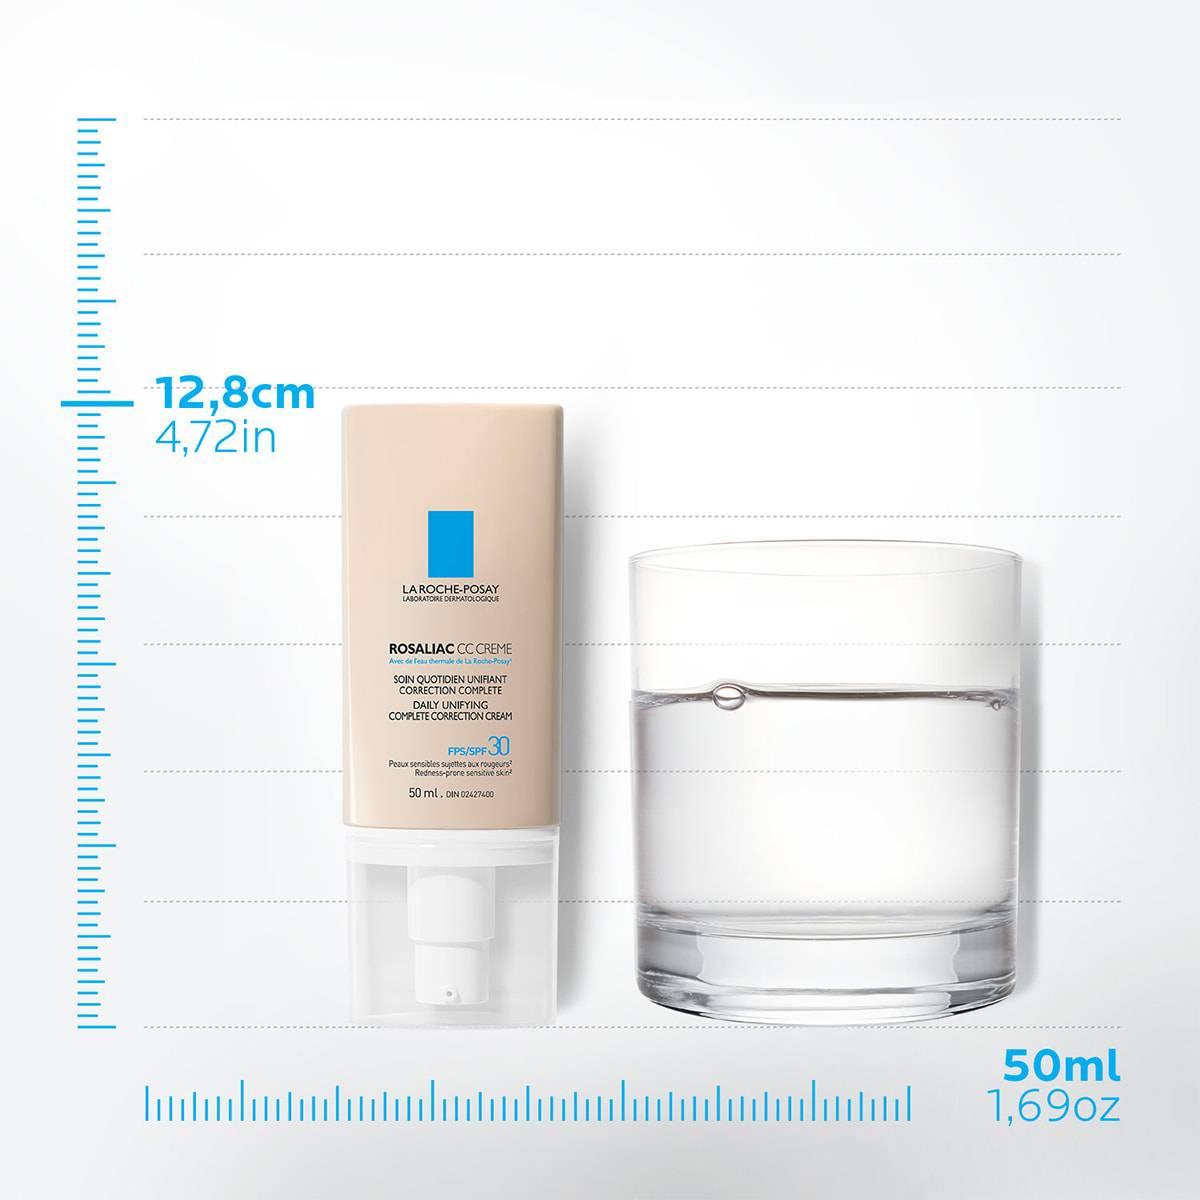 La Roche Posay ProductPage Face Care Rosaliac CC Cream 50ml 3337872414